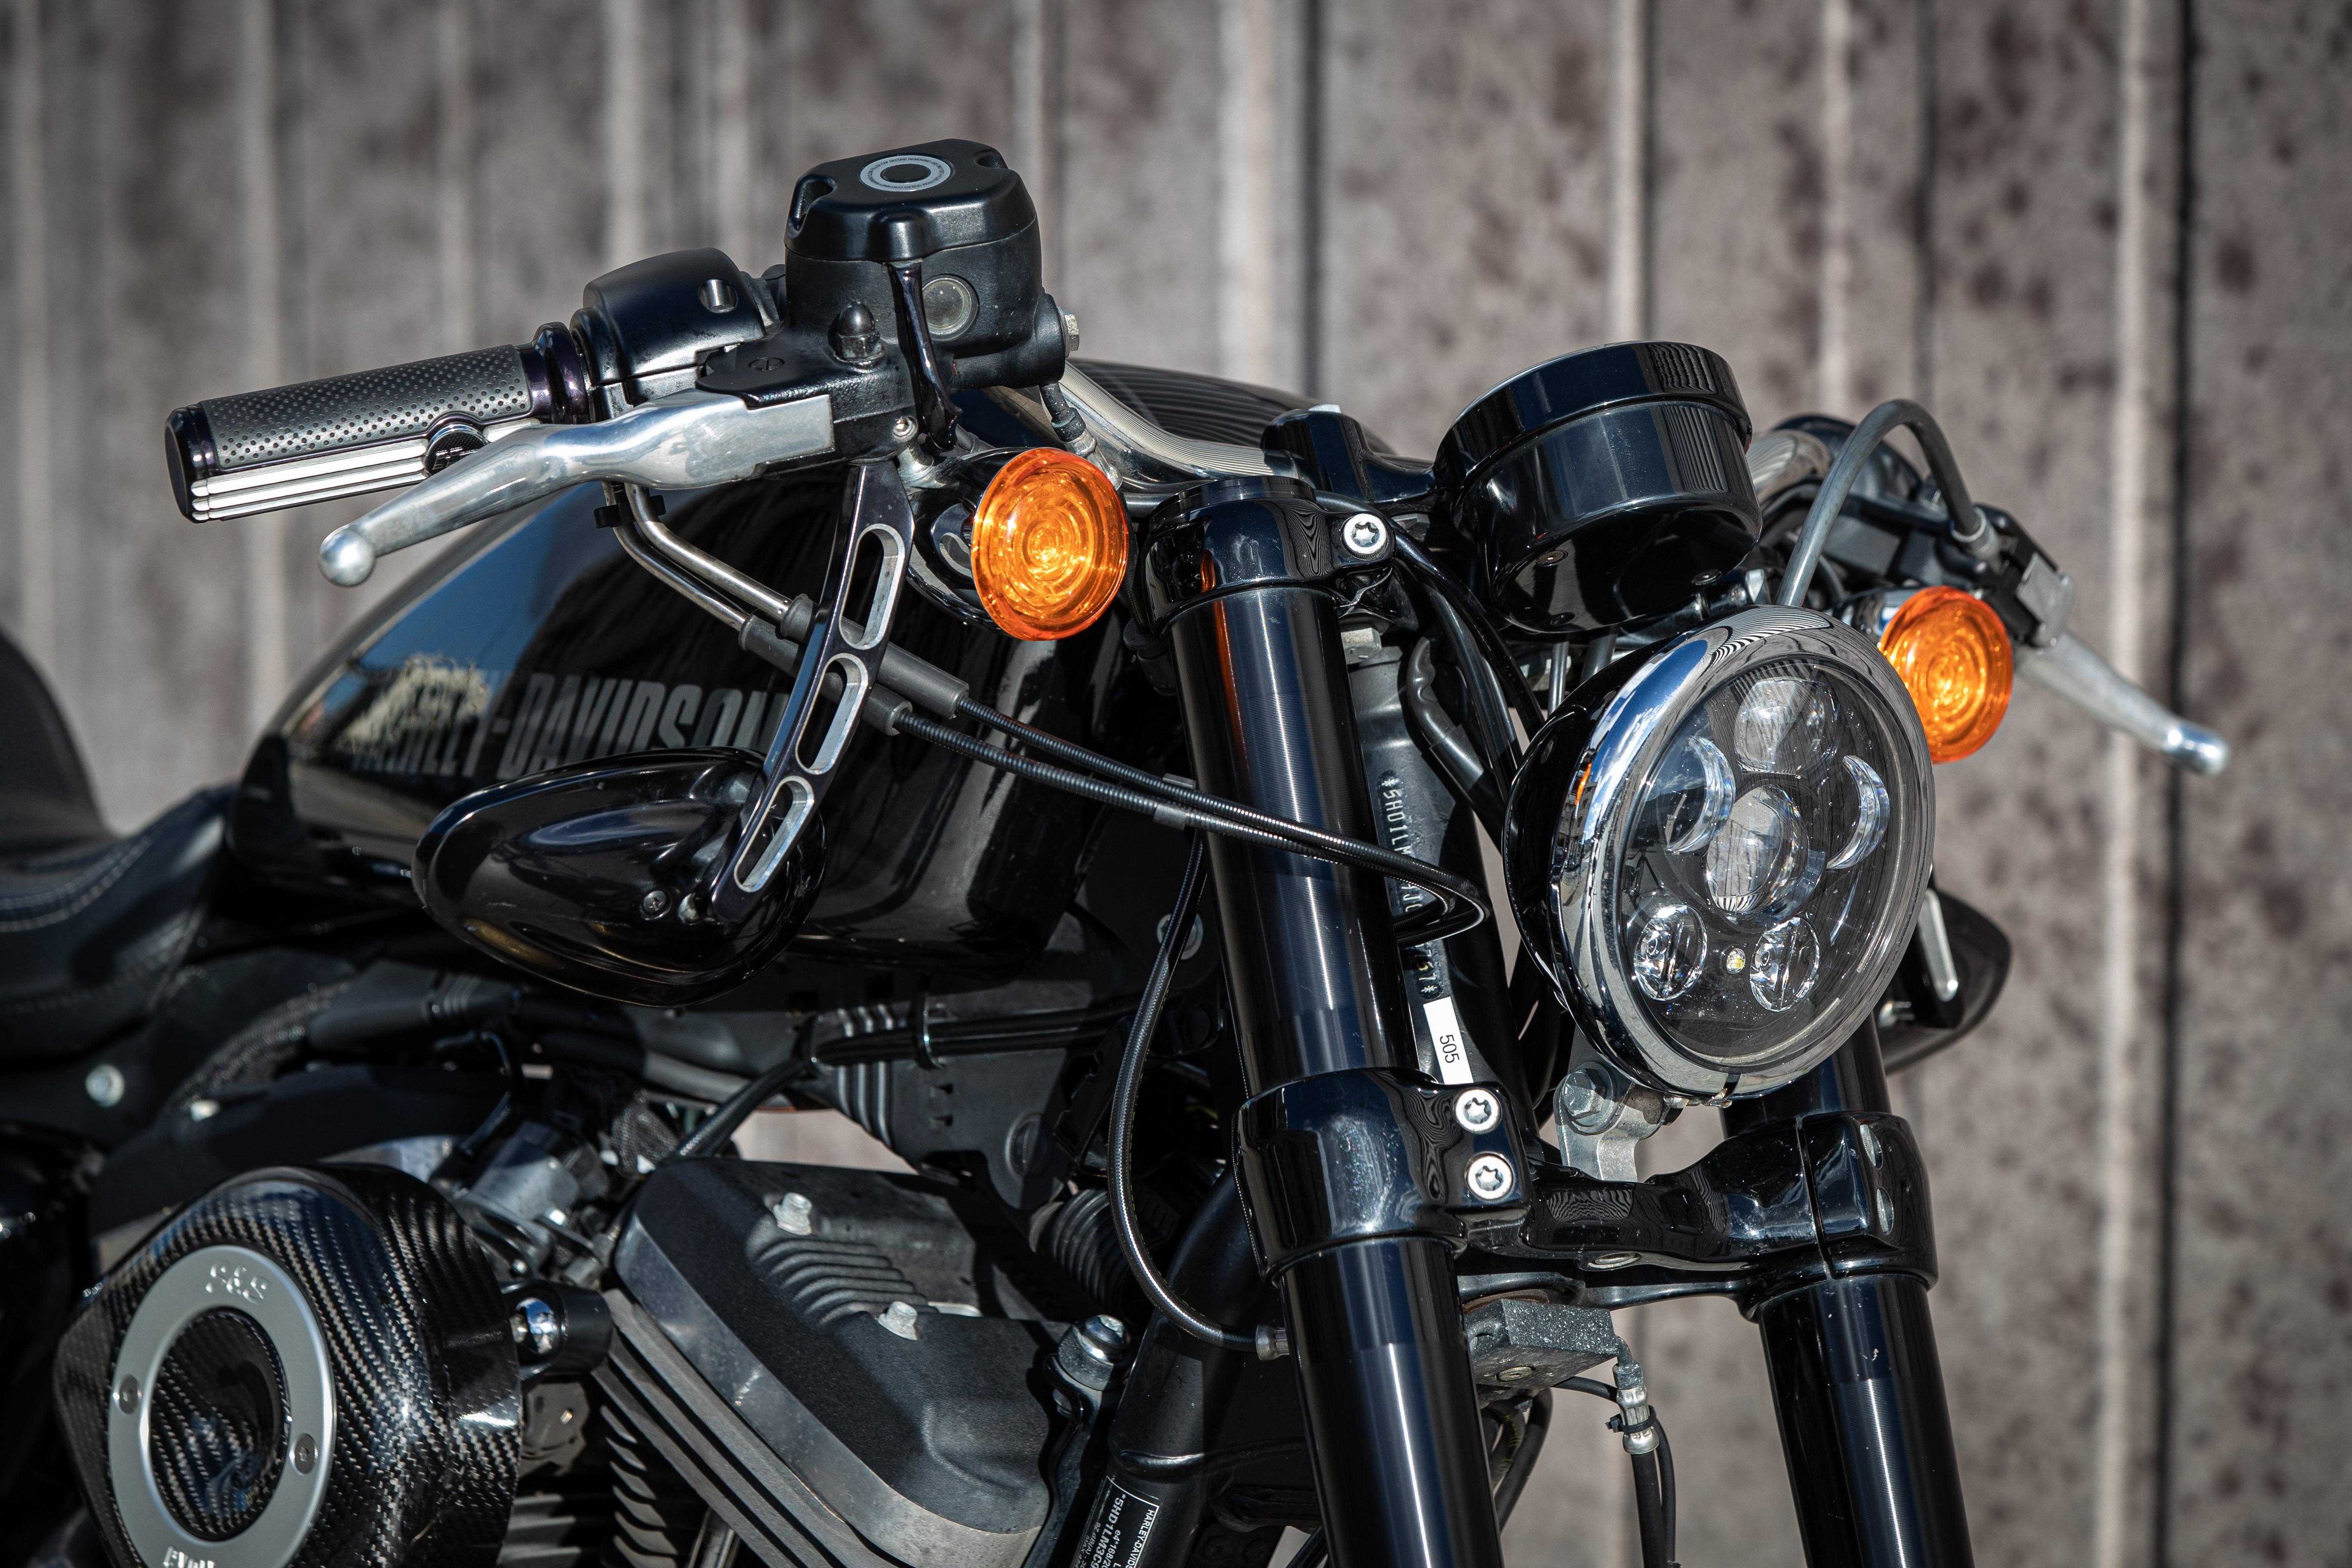 Ngam dan xe Harley-Davidson Sportster lot xac voi ban do Sykes hinh anh 24 2020_Harley_Davidson_Sportster_Custom_5251.jpg